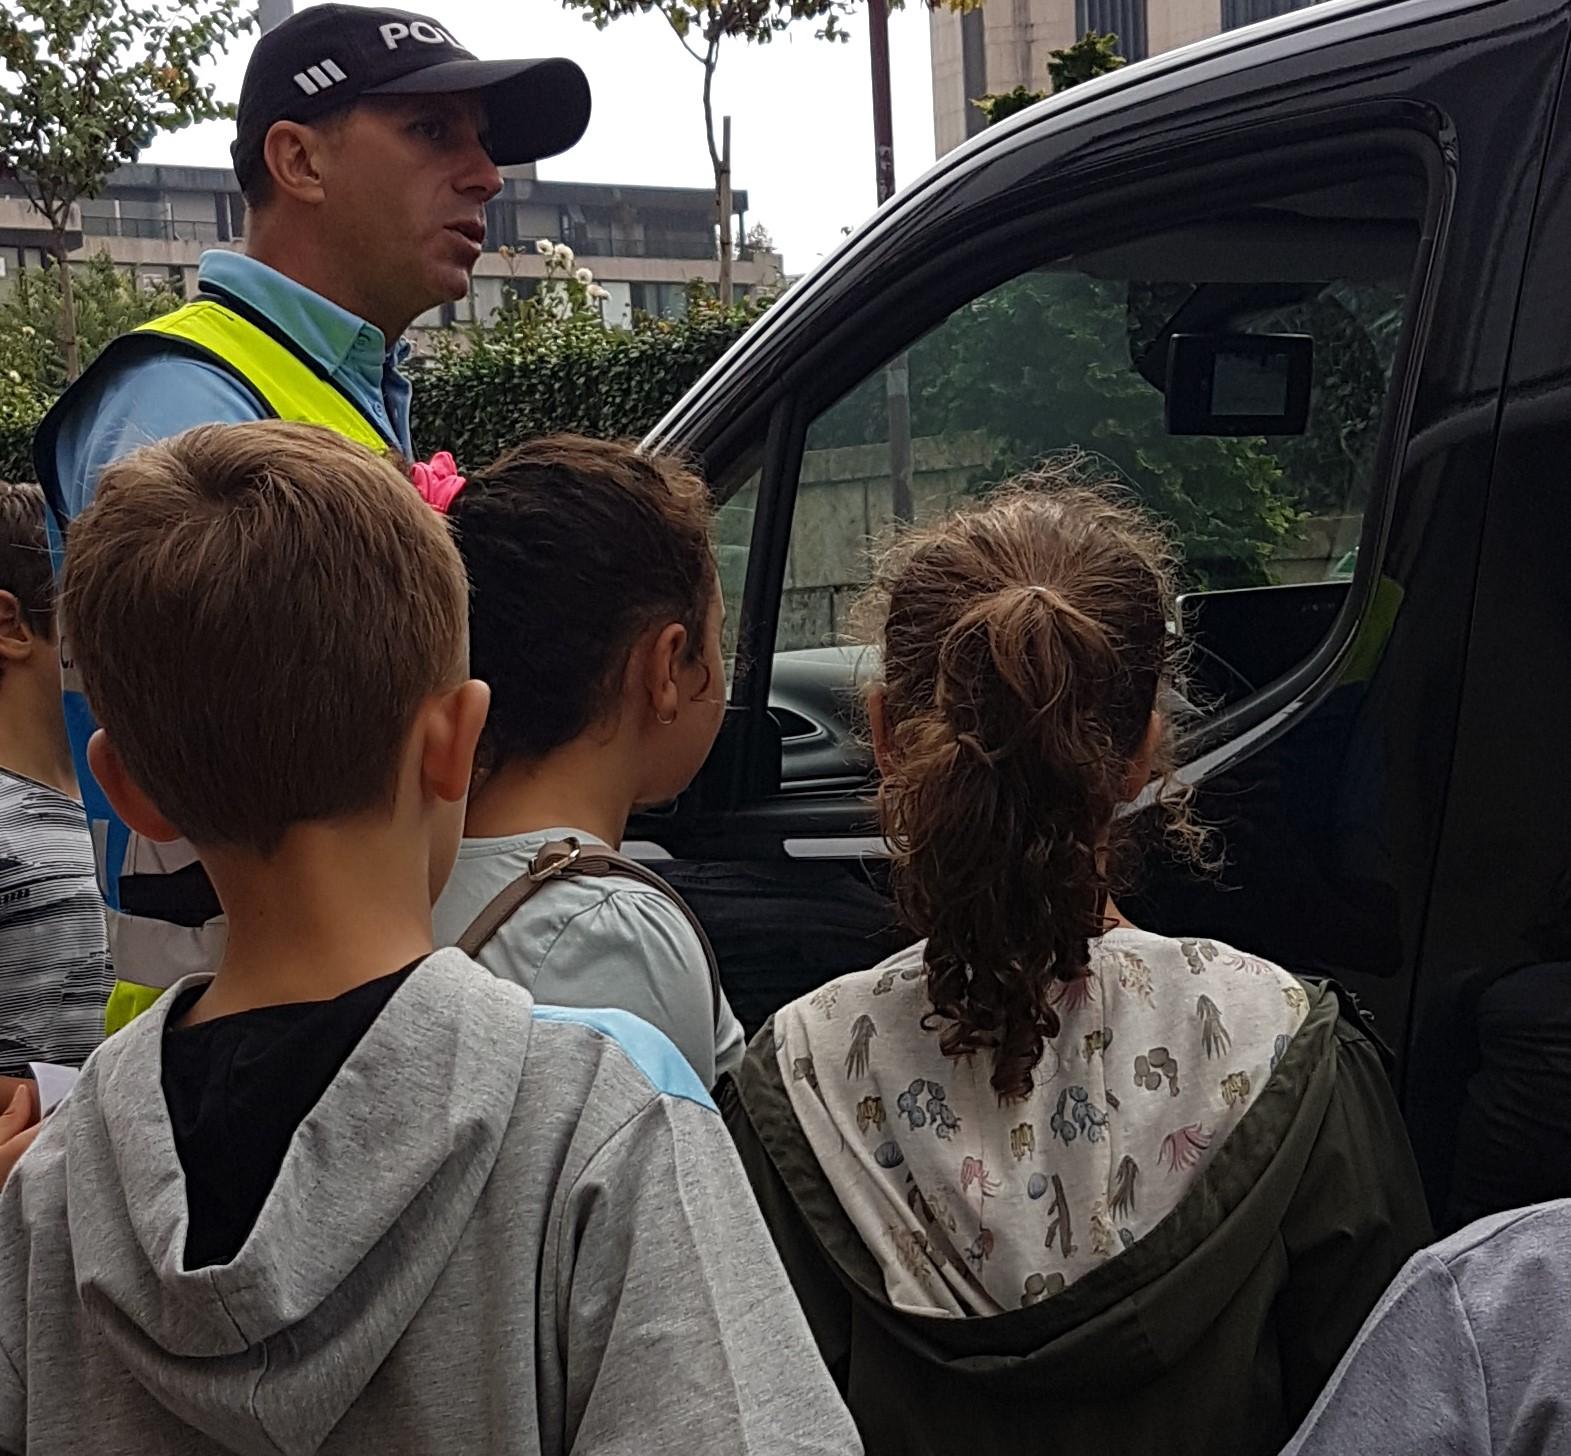 Noutro momento da atividade, com a ajuda de um agente da PSP, puderam fornecer folhetos informativos com conselhos para os automobilistas da cidade de Braga.